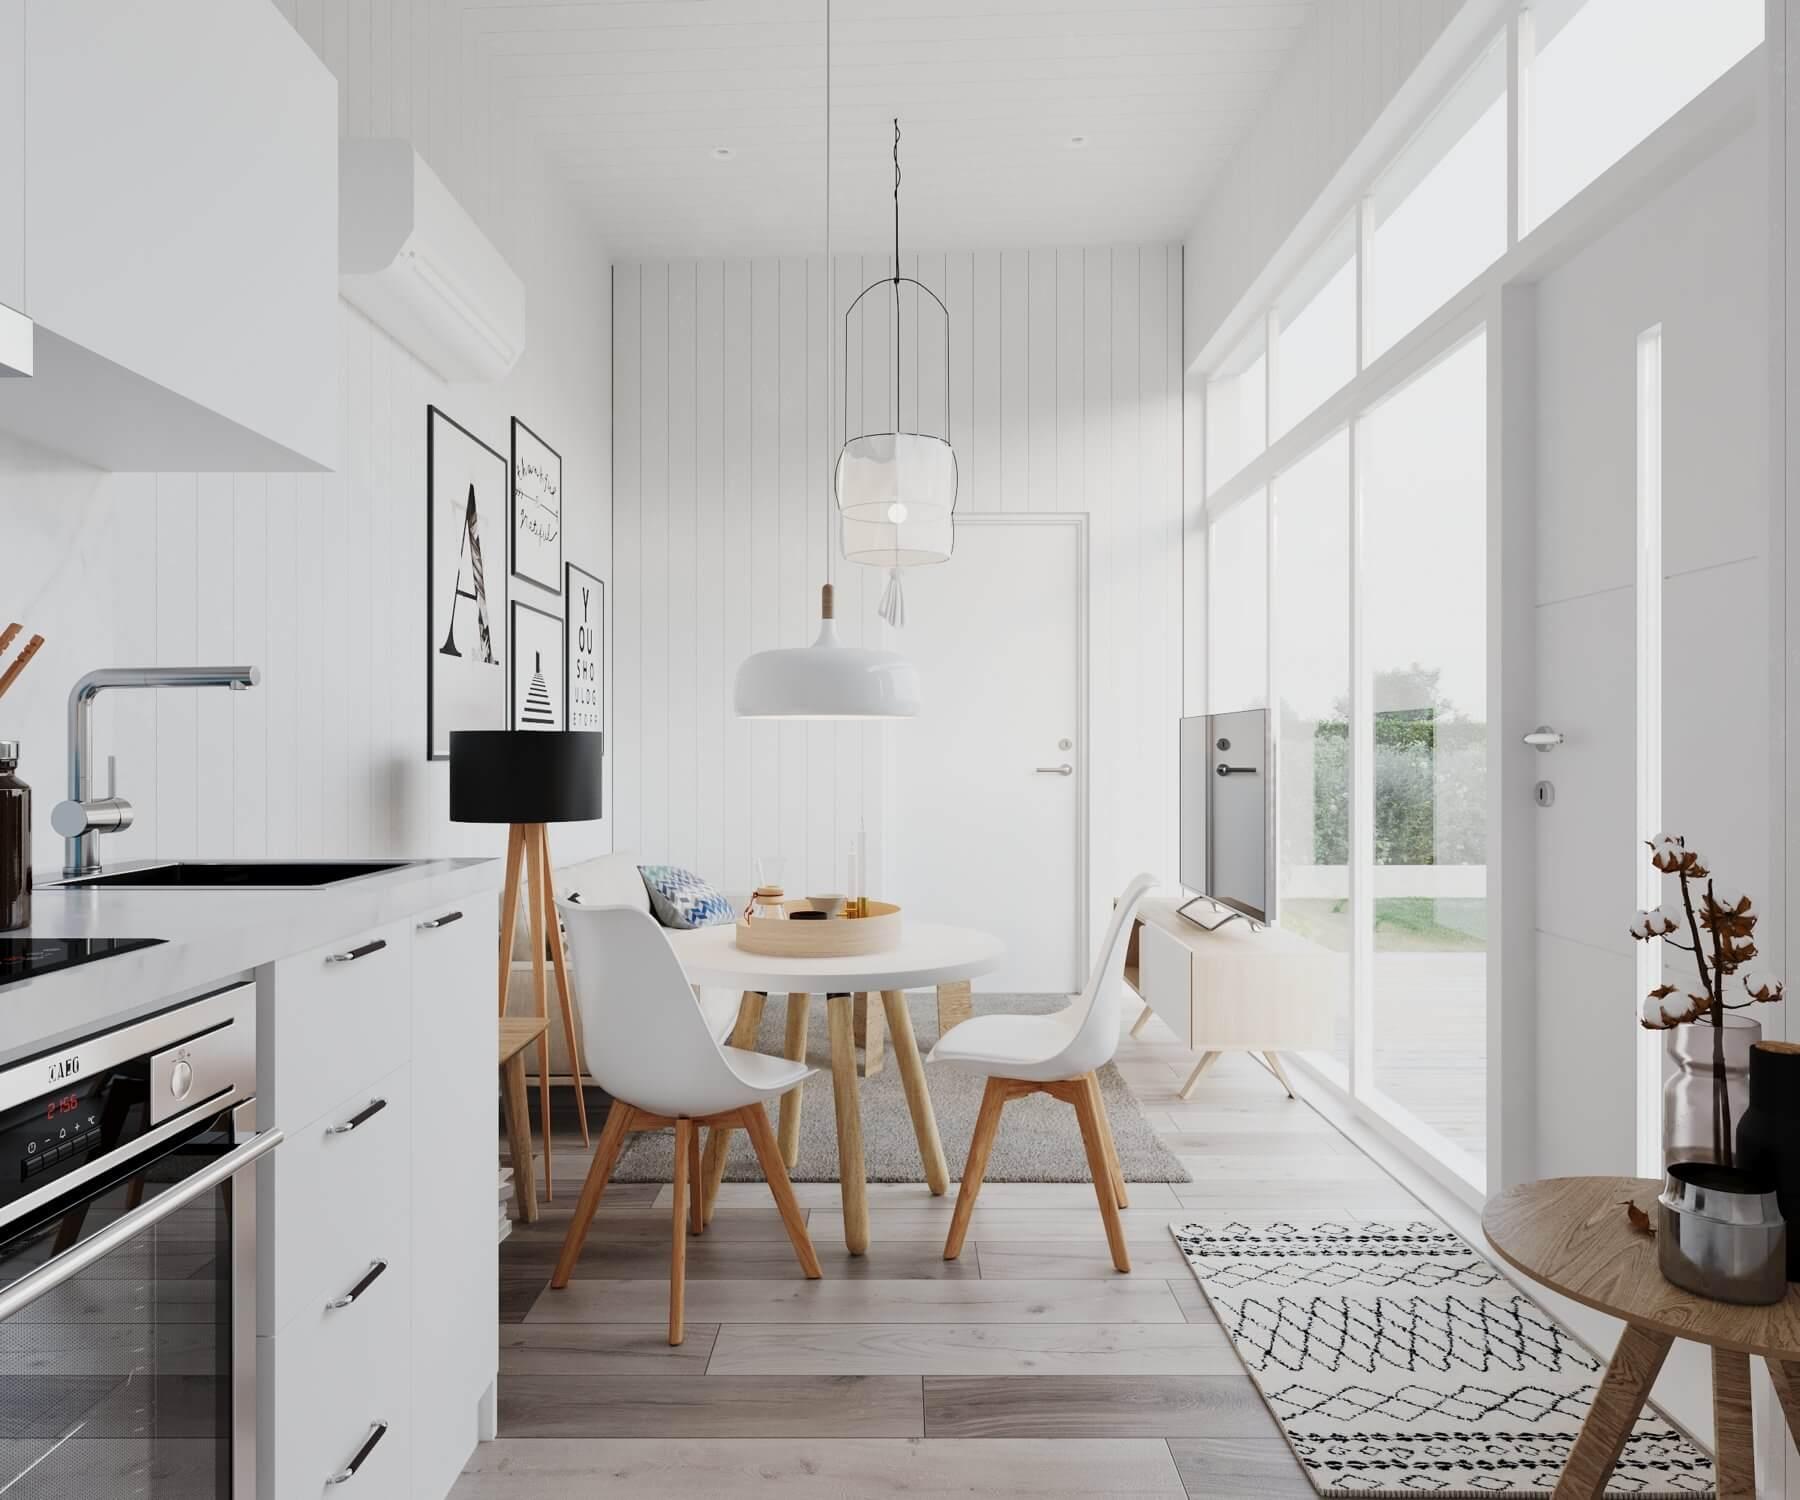 Kombinerat vardagsrum och kök i attefallshus med stora fönsterpartier